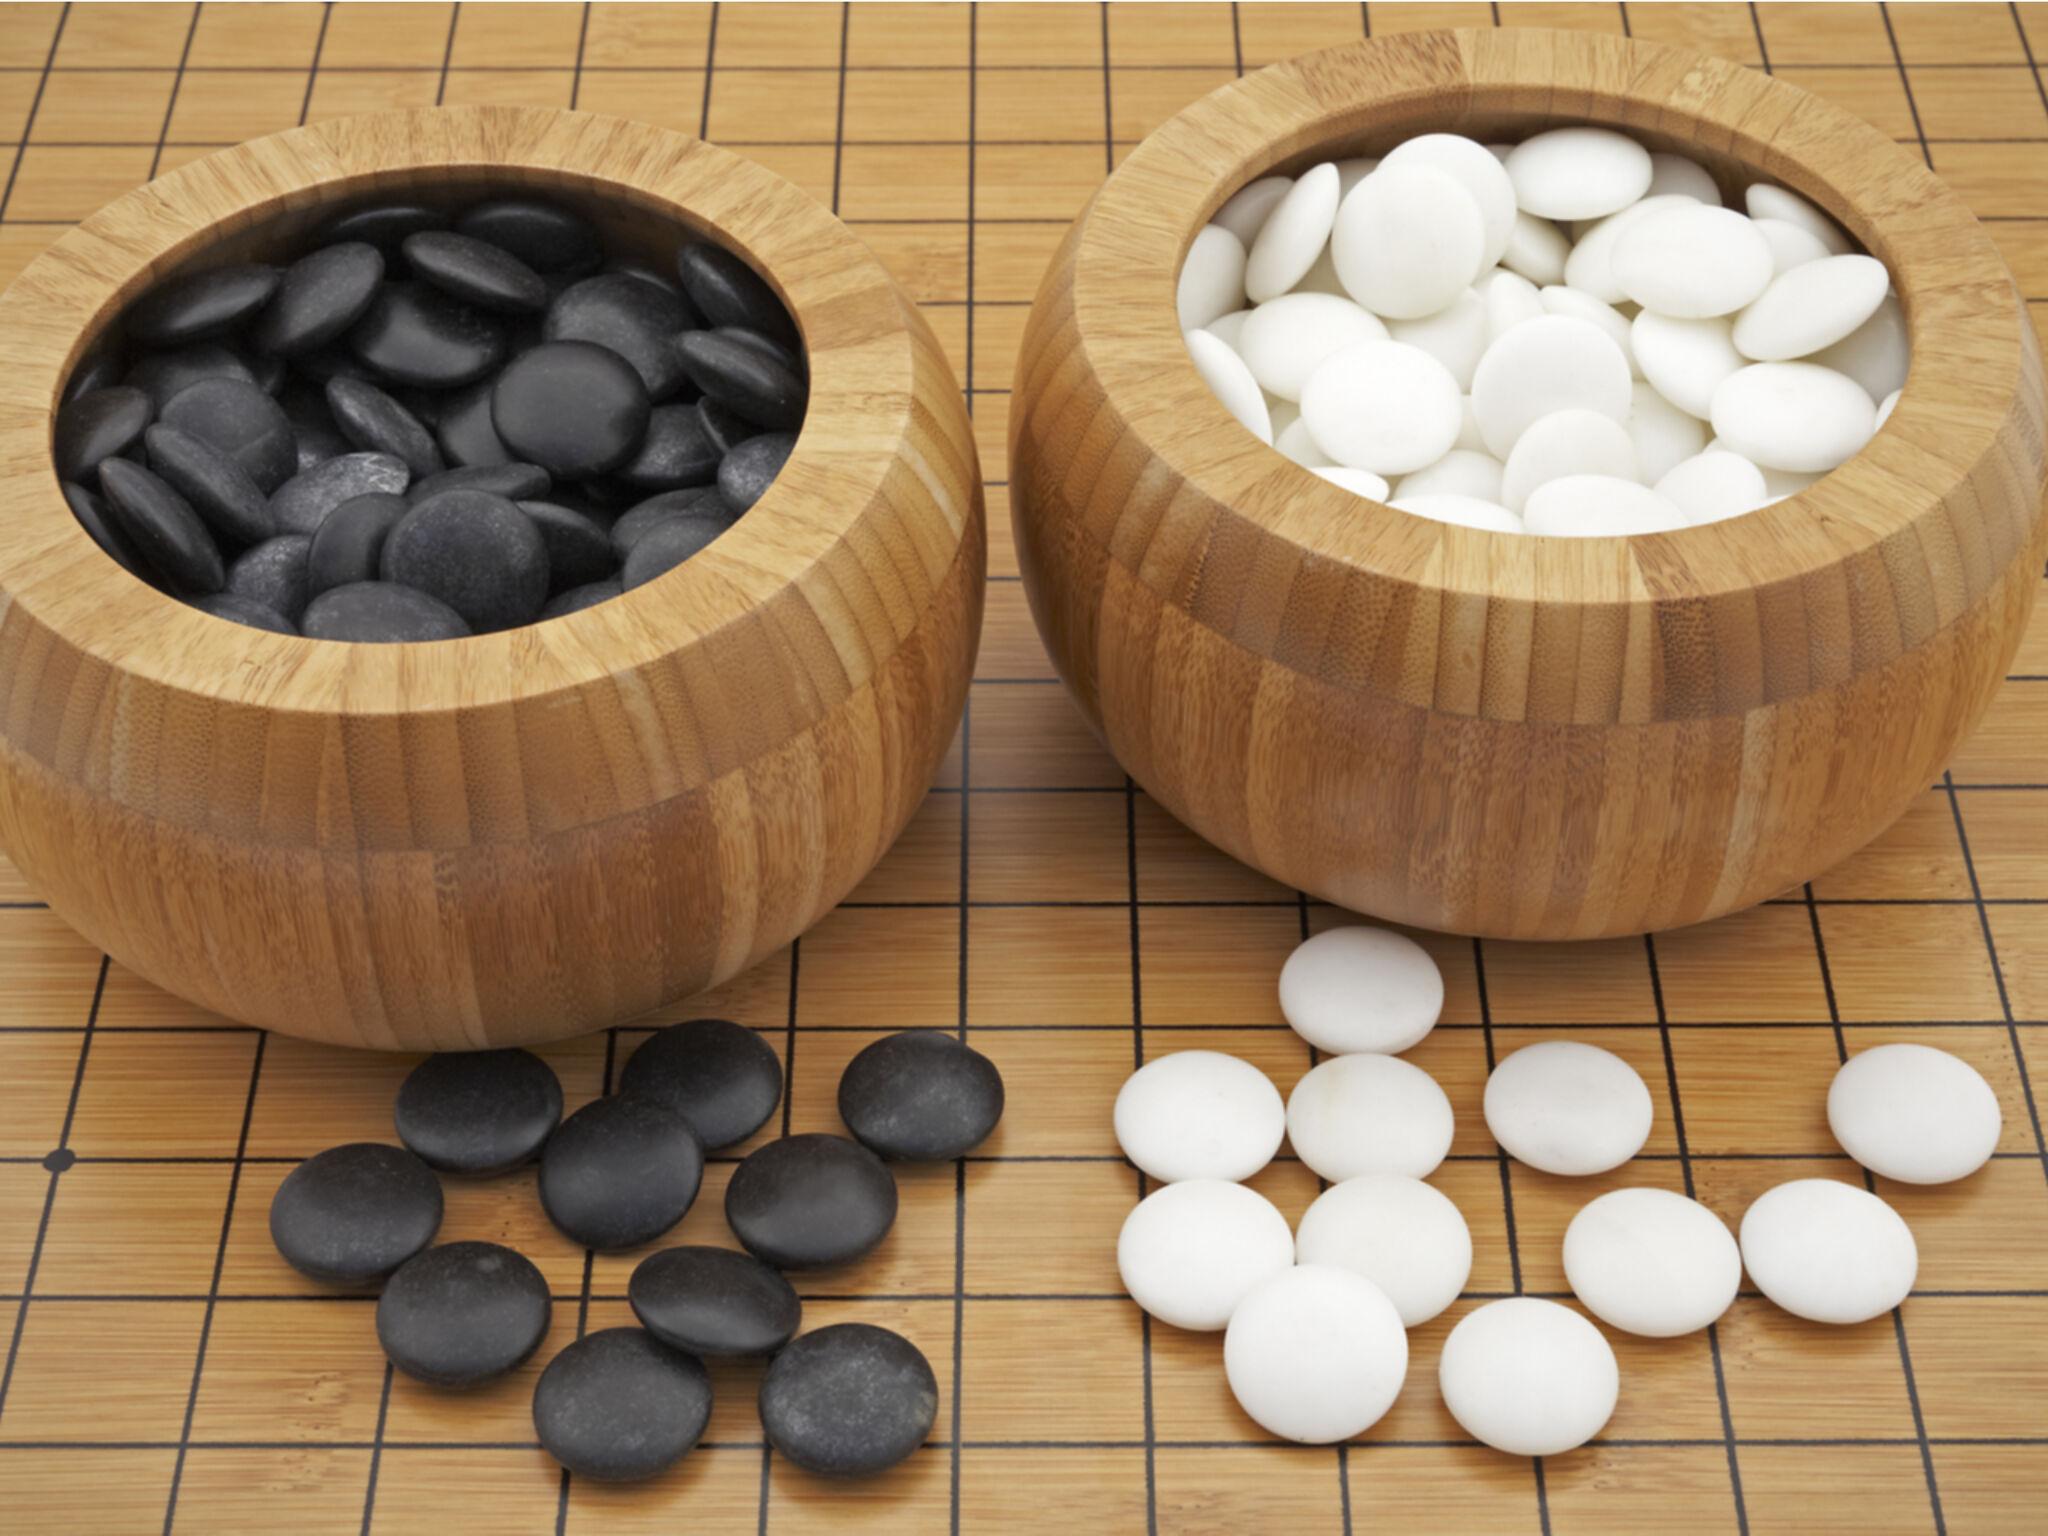 黒と白の将棋の駒がアップでうつっている画像